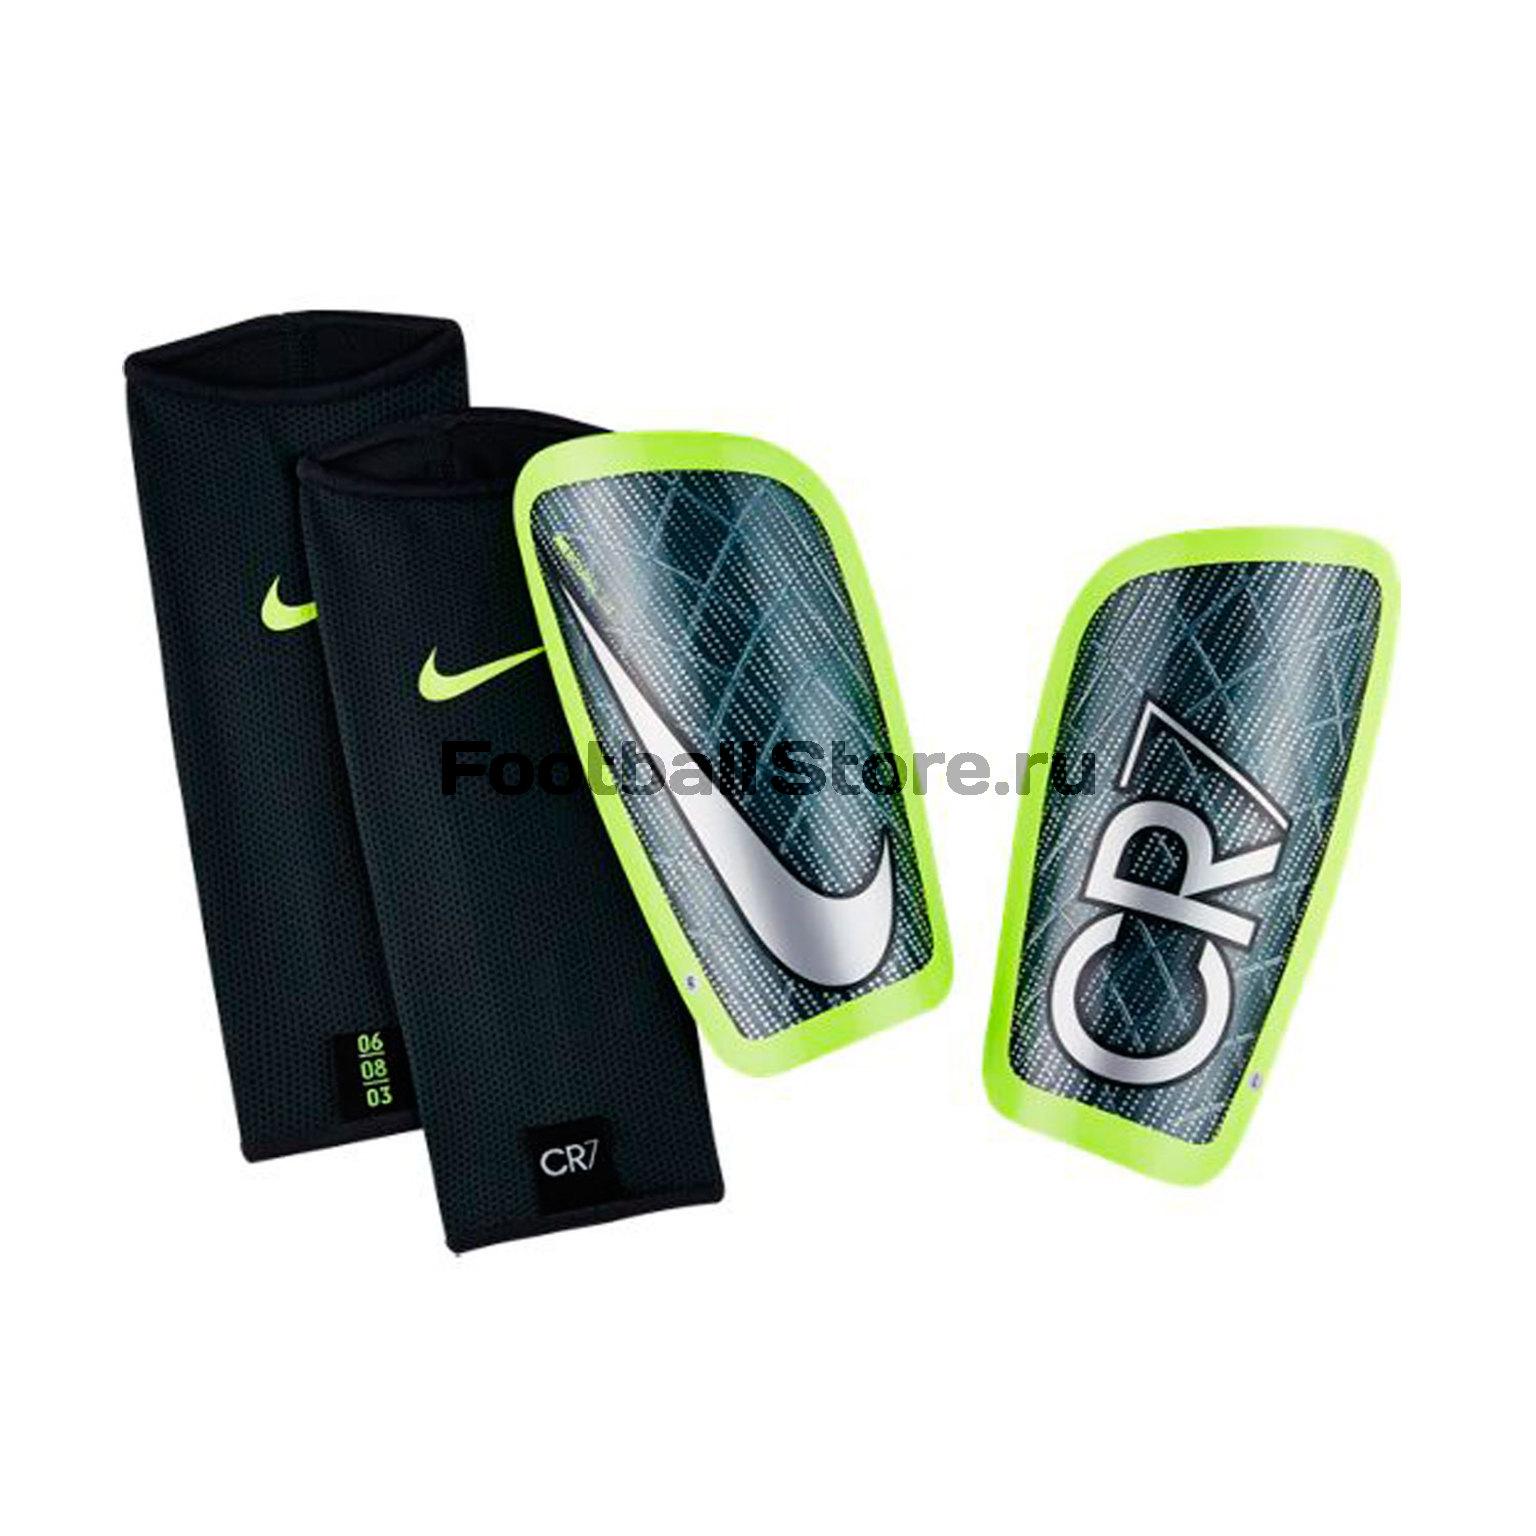 Защита ног Nike Щитки футбольные Nike CR7 Mercurial Lite SP2110-364 щиток приборов 2110 с отметкой 240км купить